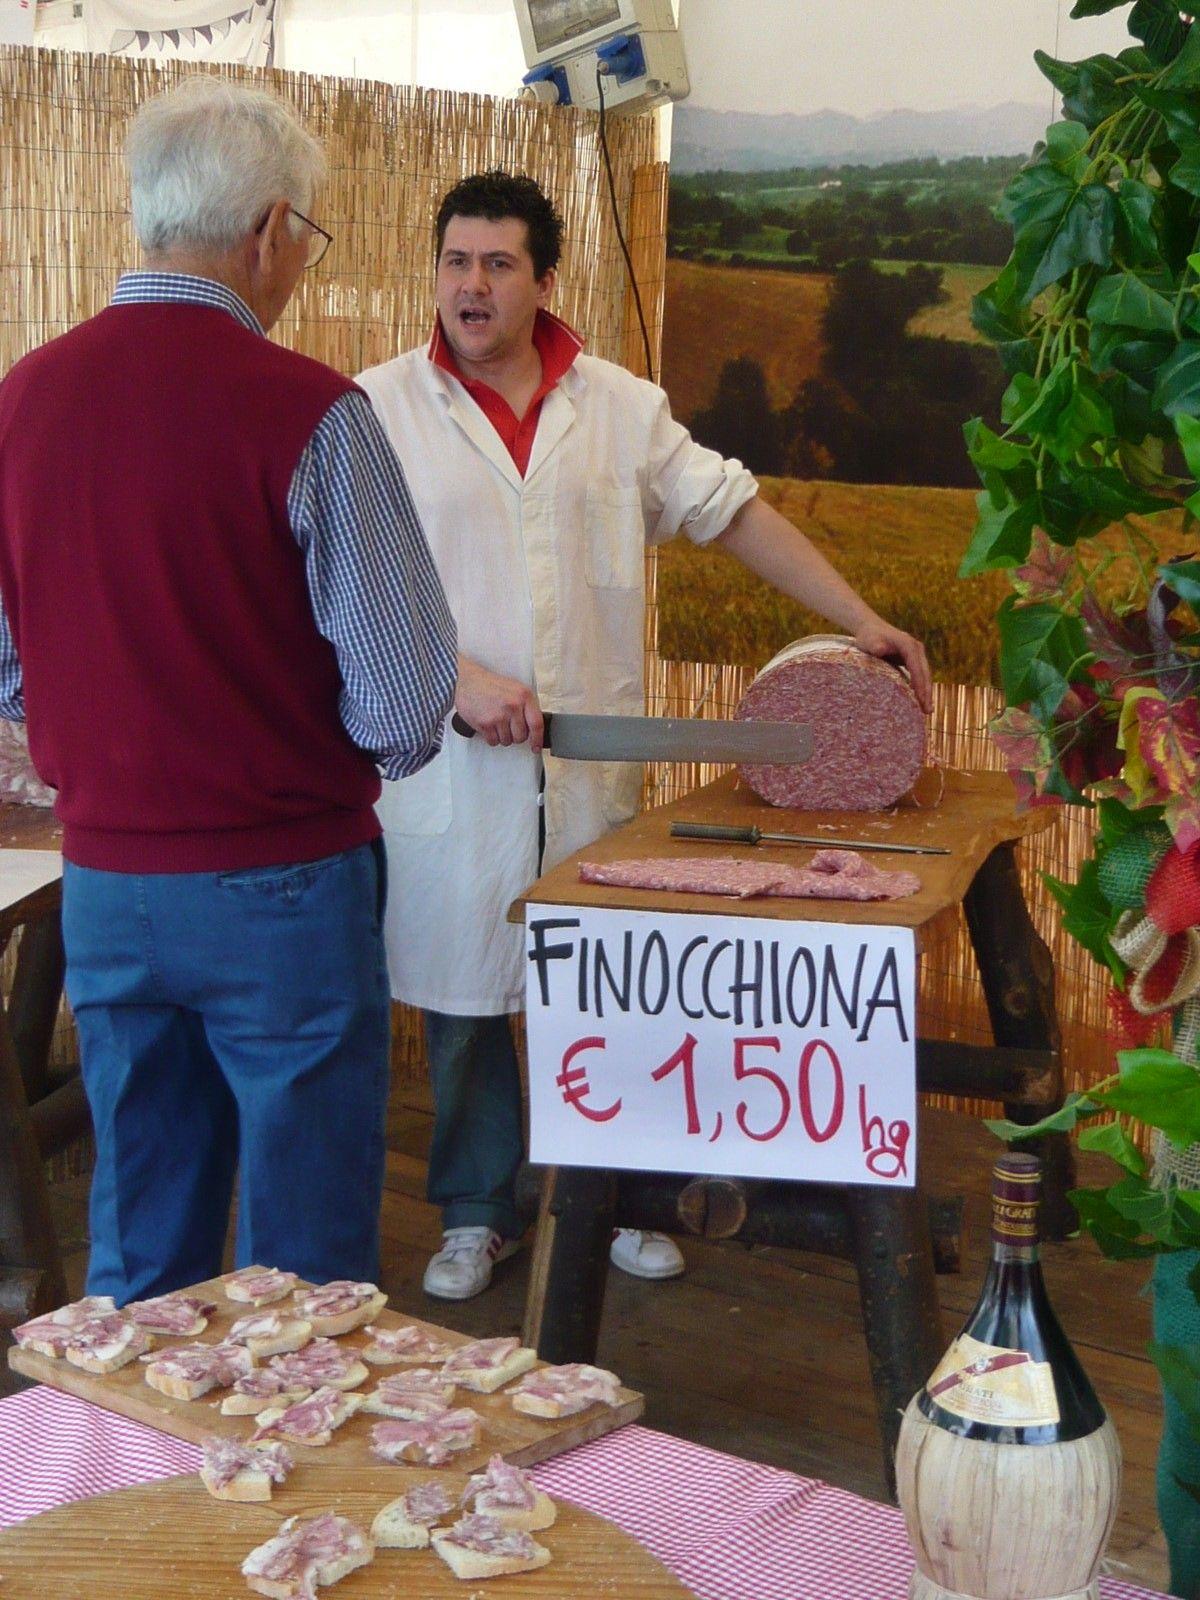 食材の屋台から花の市、職人の作品販売まで、楽しみは尽きず